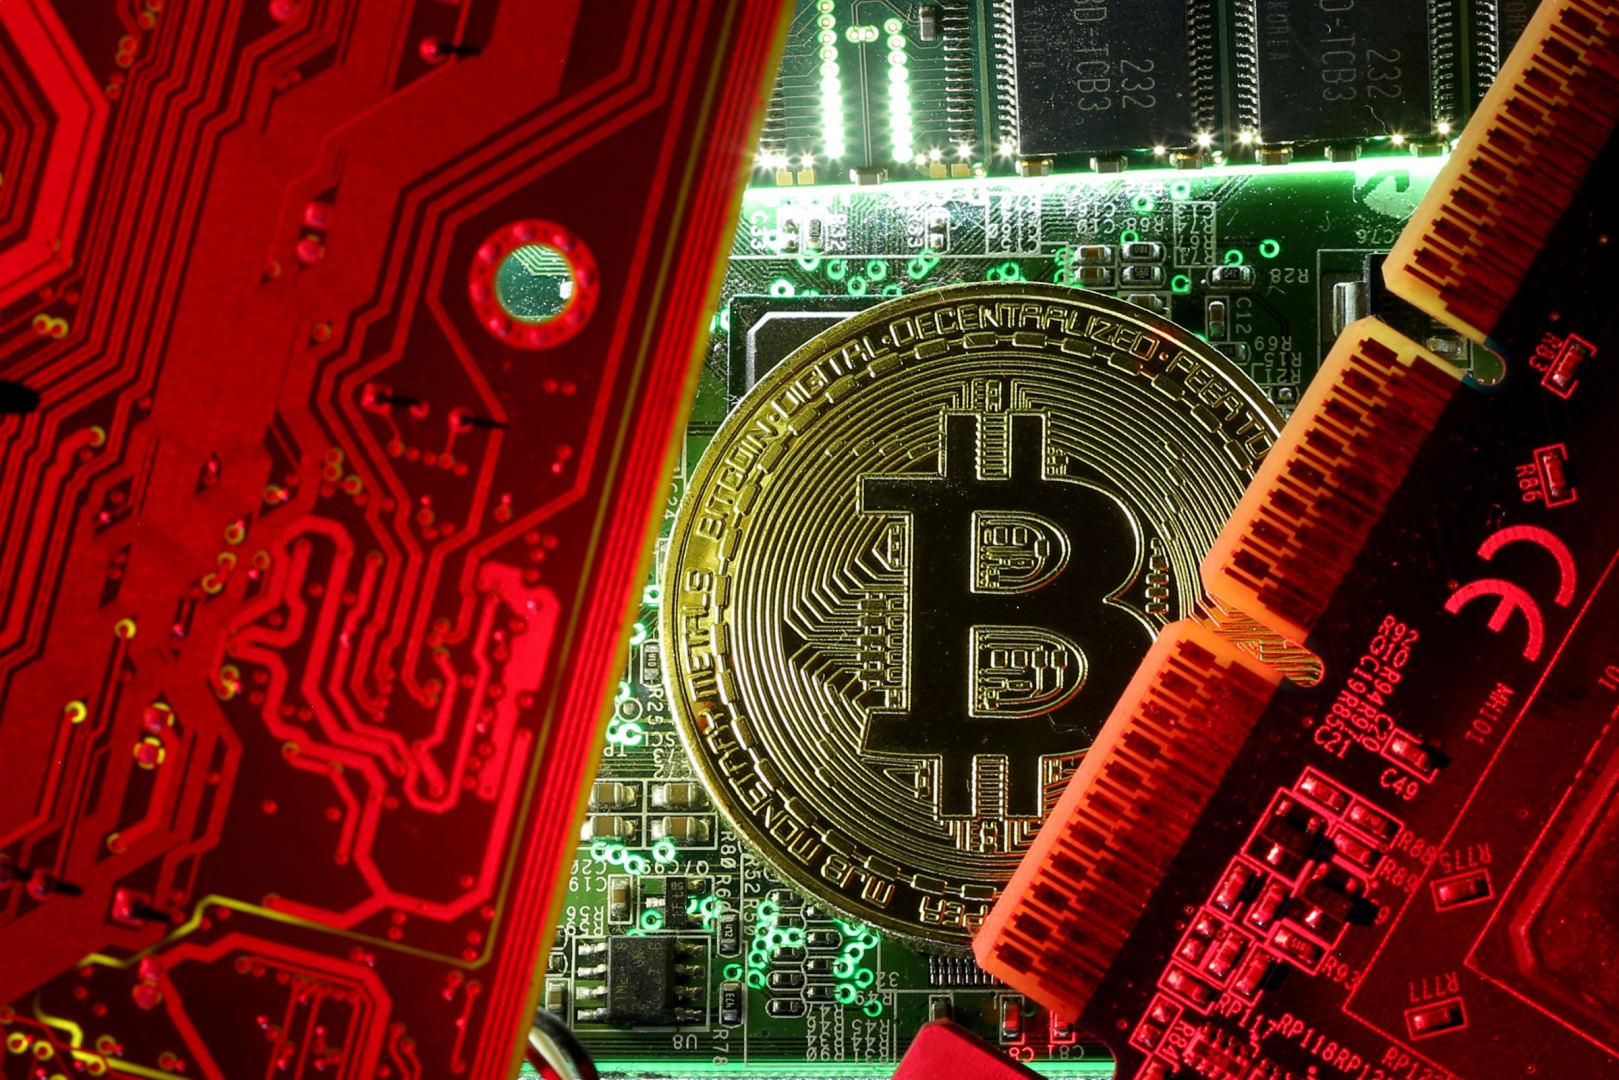 kaip galiu prekiauti bitkoinais